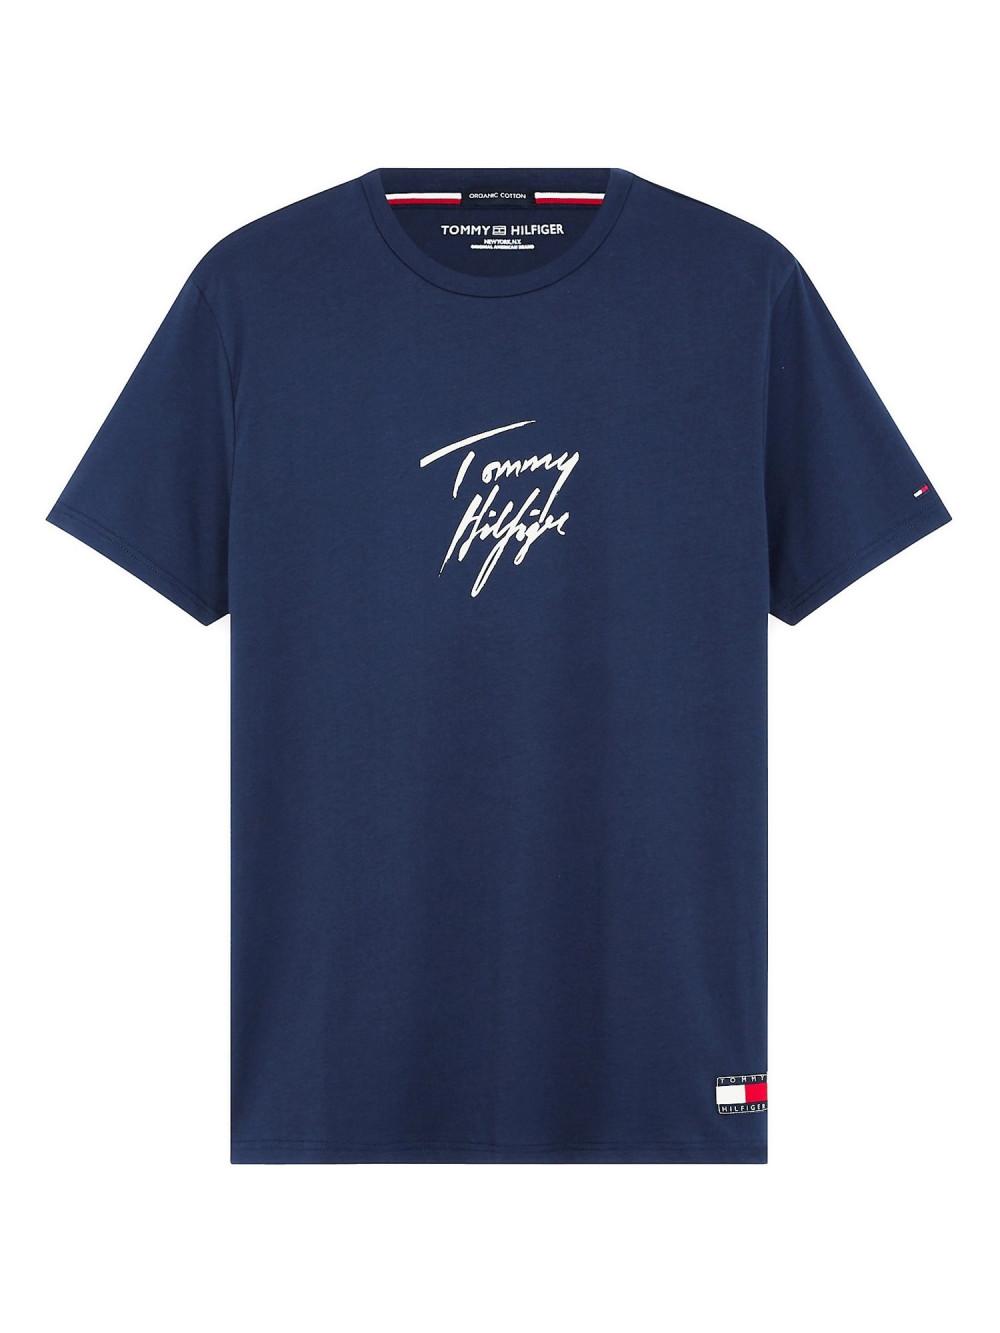 Pánské tričko Tommy Hilfiger Signature Logo modré